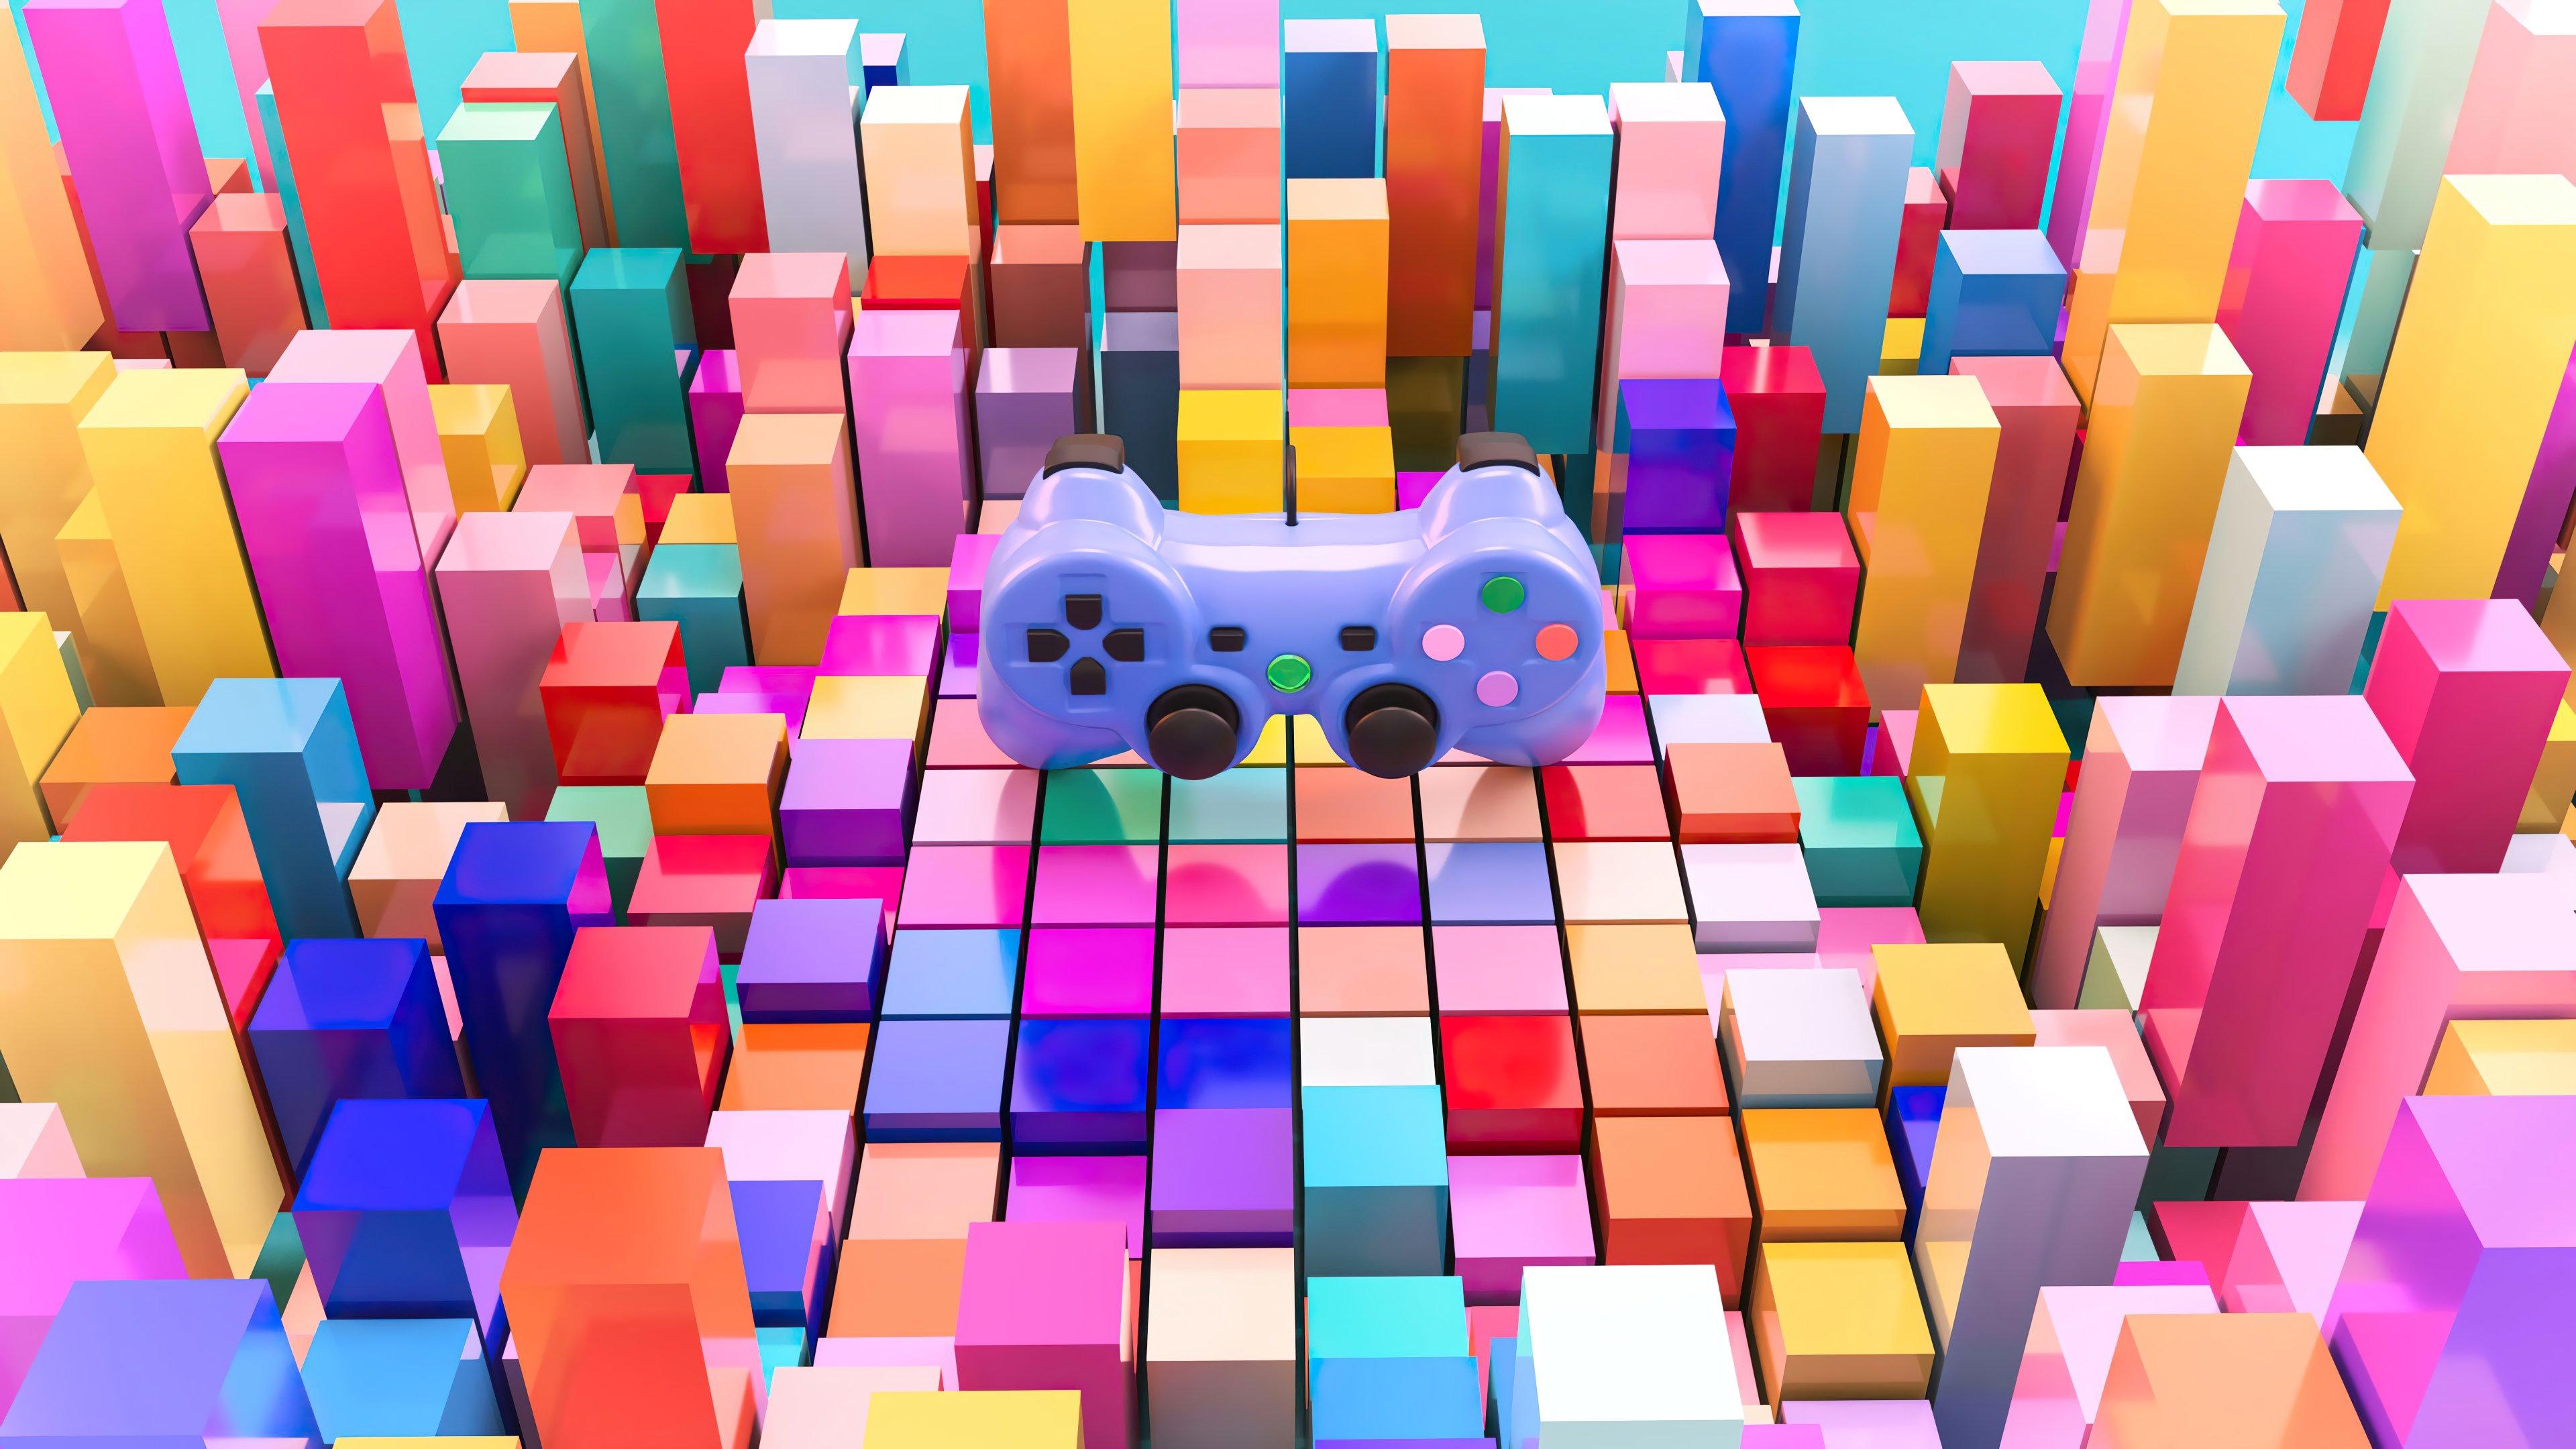 Fondos de pantalla Control de videojuegos Colorido